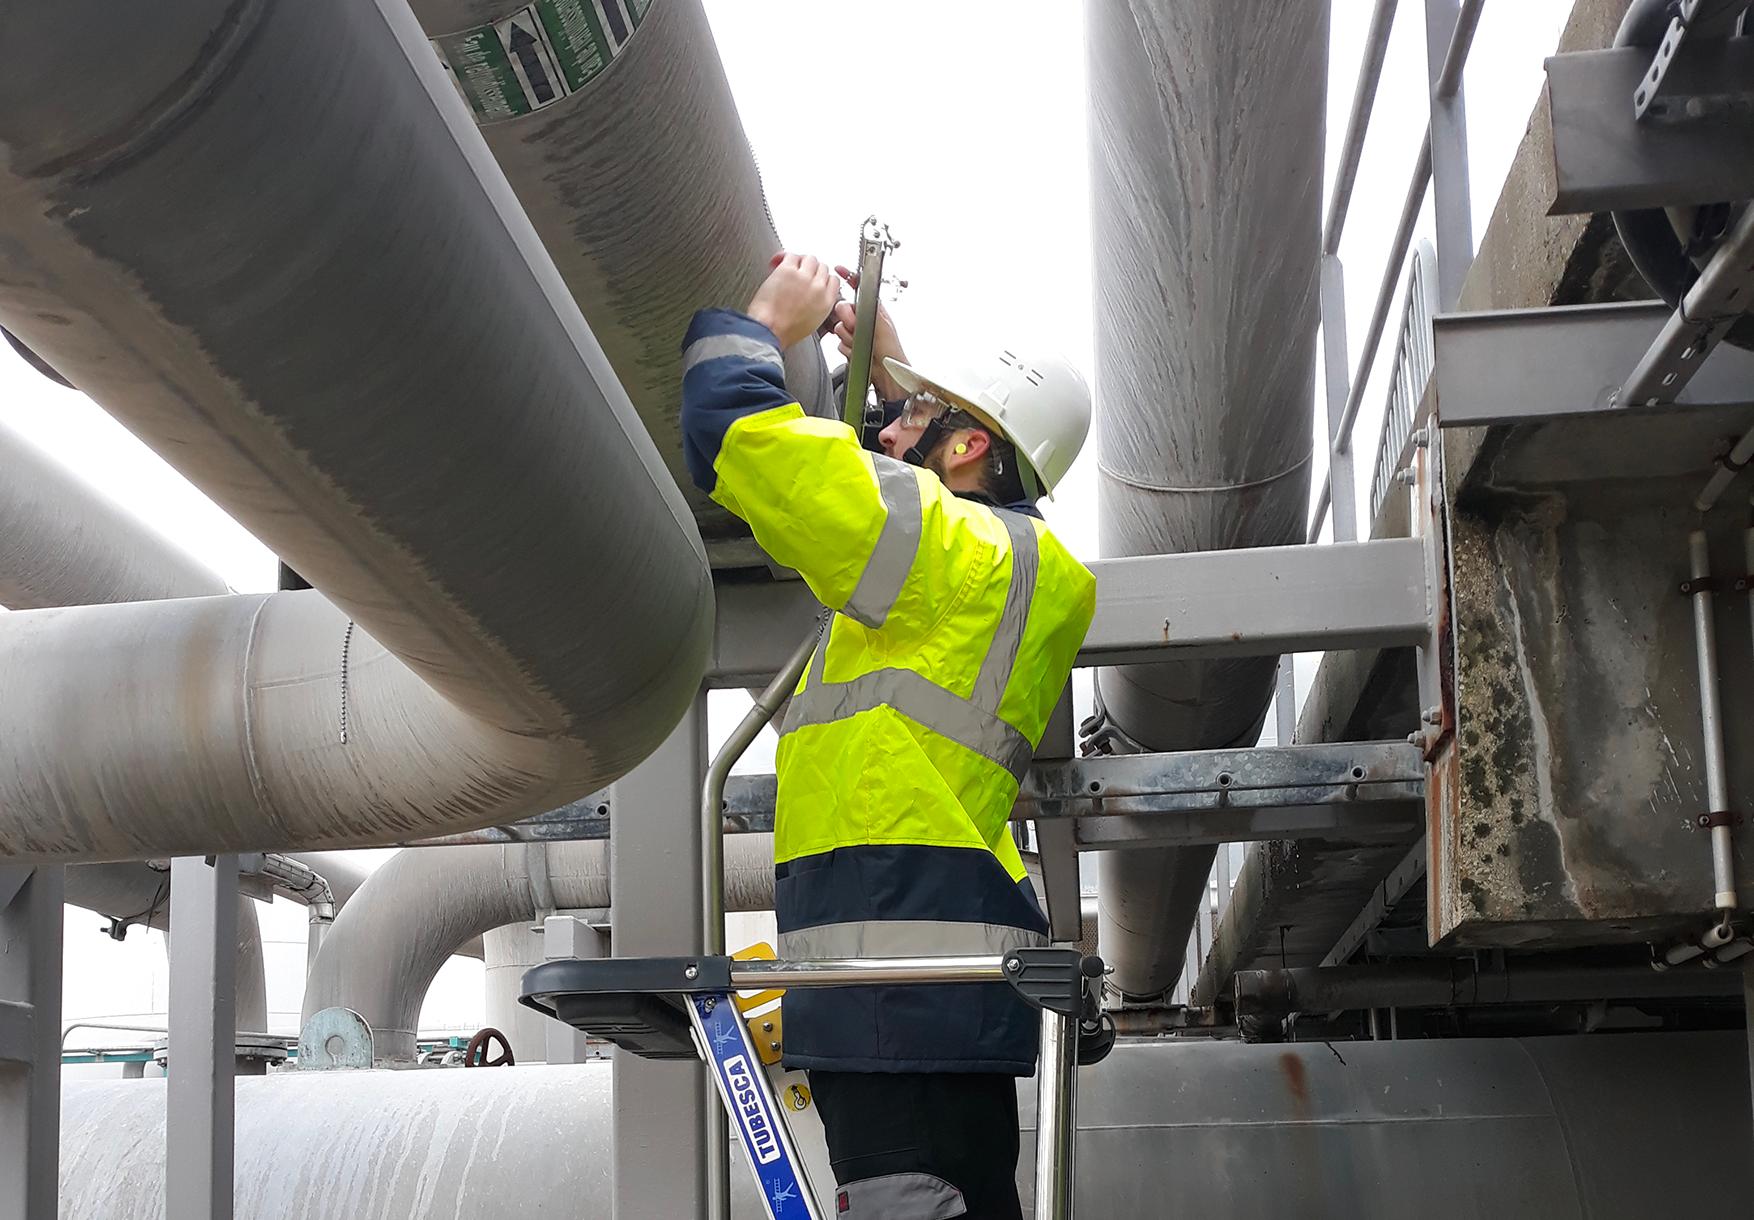 Mise en place de moyens de mesures sur réseau d'eau de refroidissement dans le cadre d'un audit